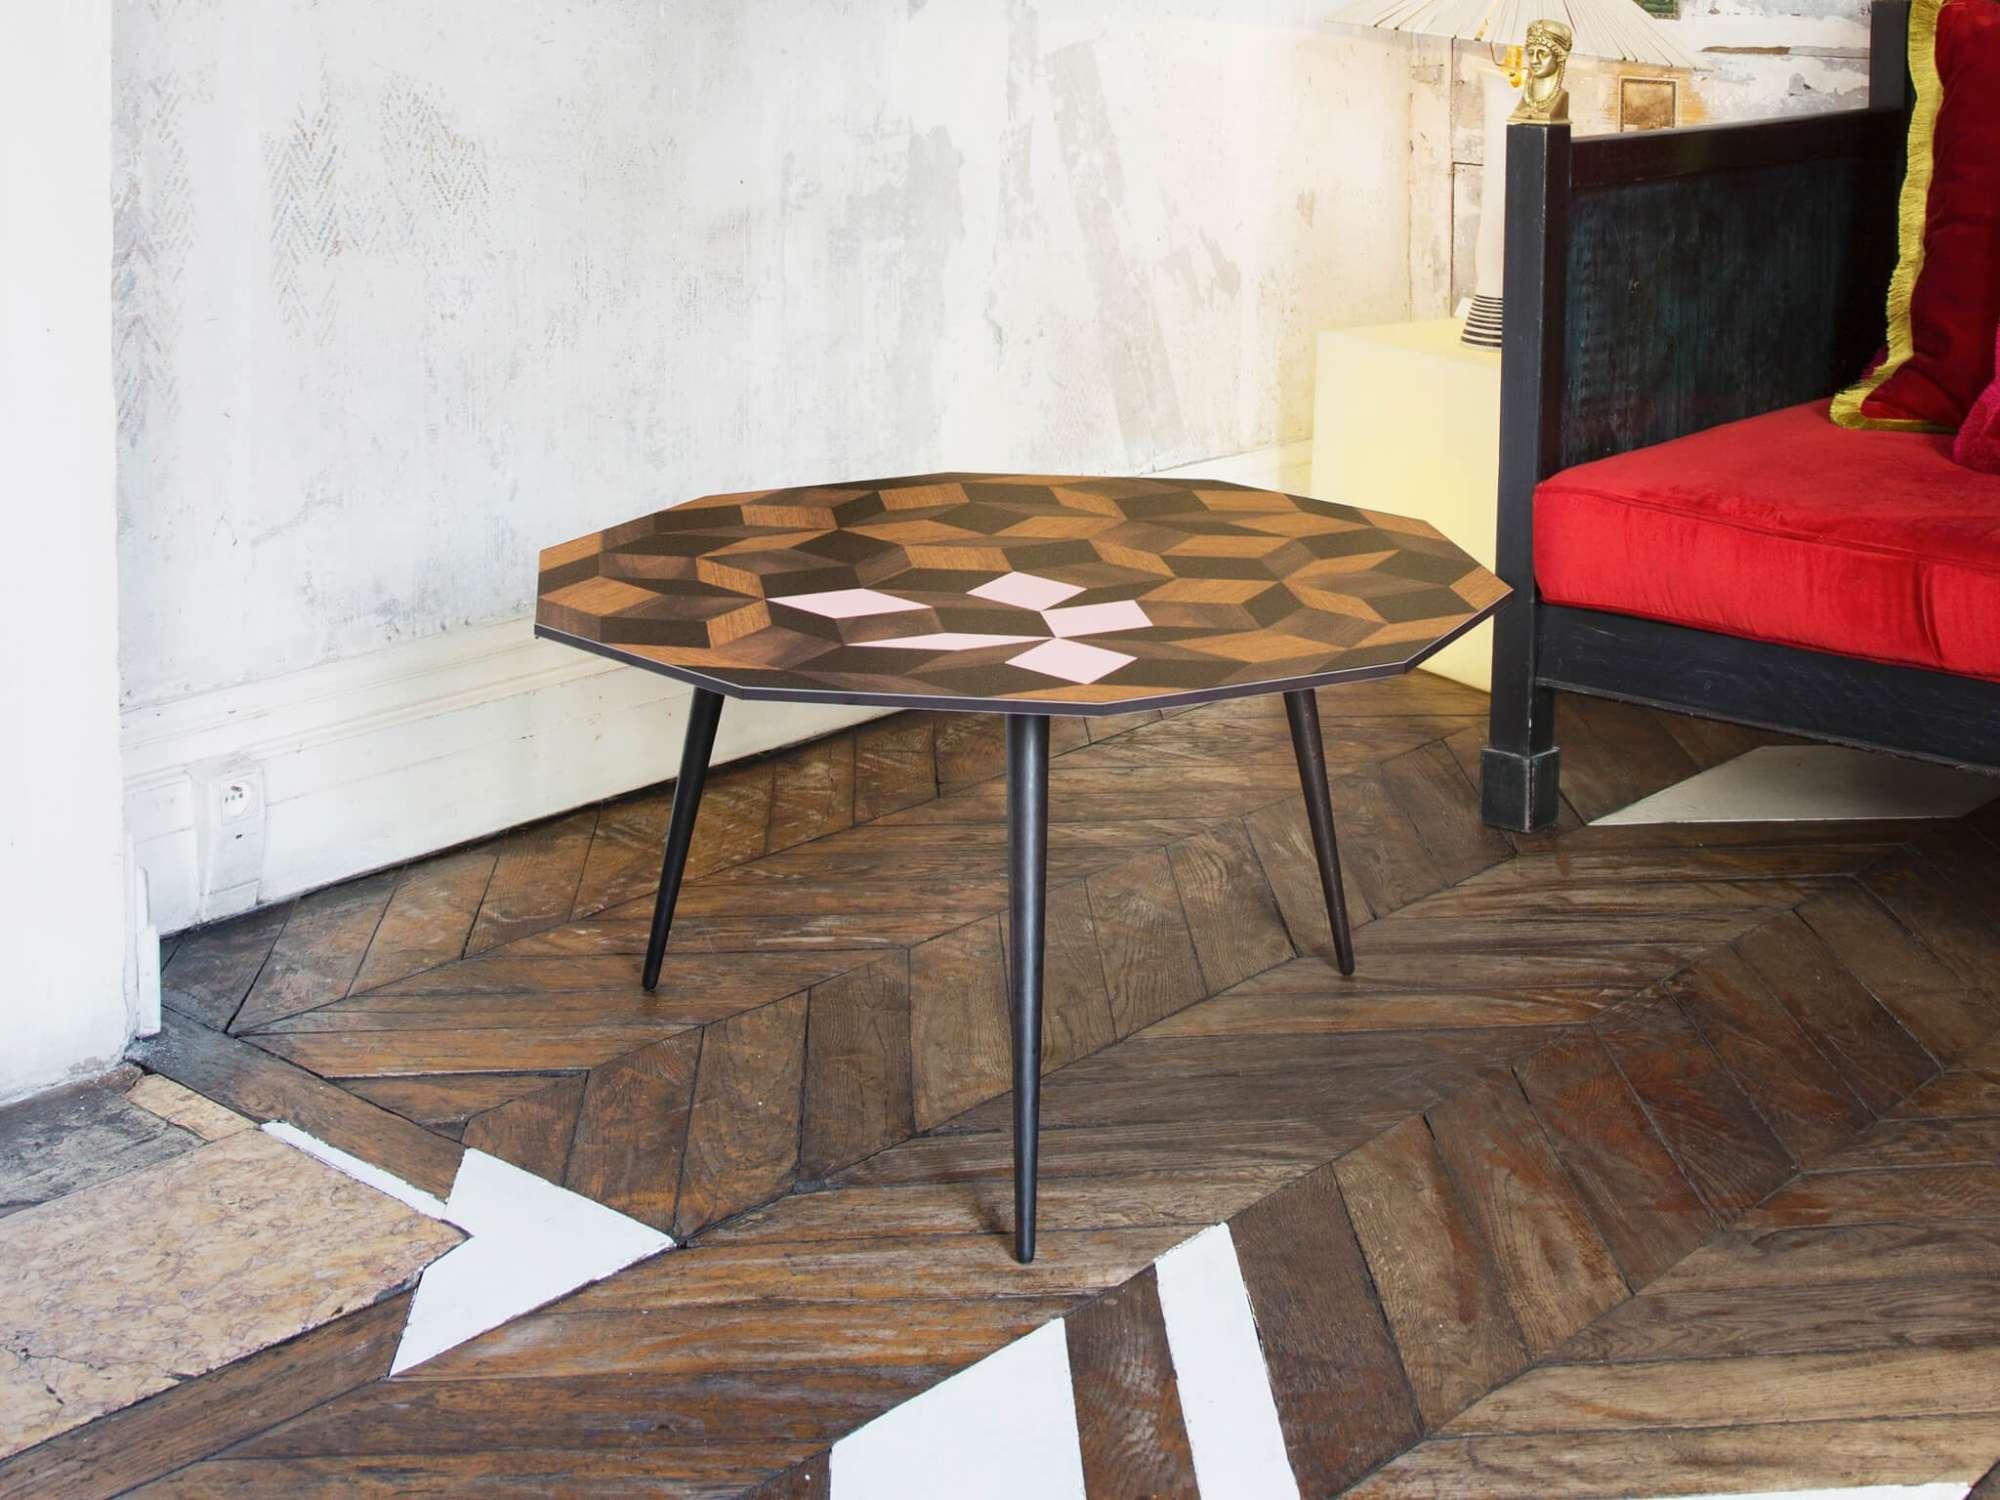 Table basse au motif géométrique Penrose Spring Wood, rose poudré, design IchetKar, édition bazartherapy